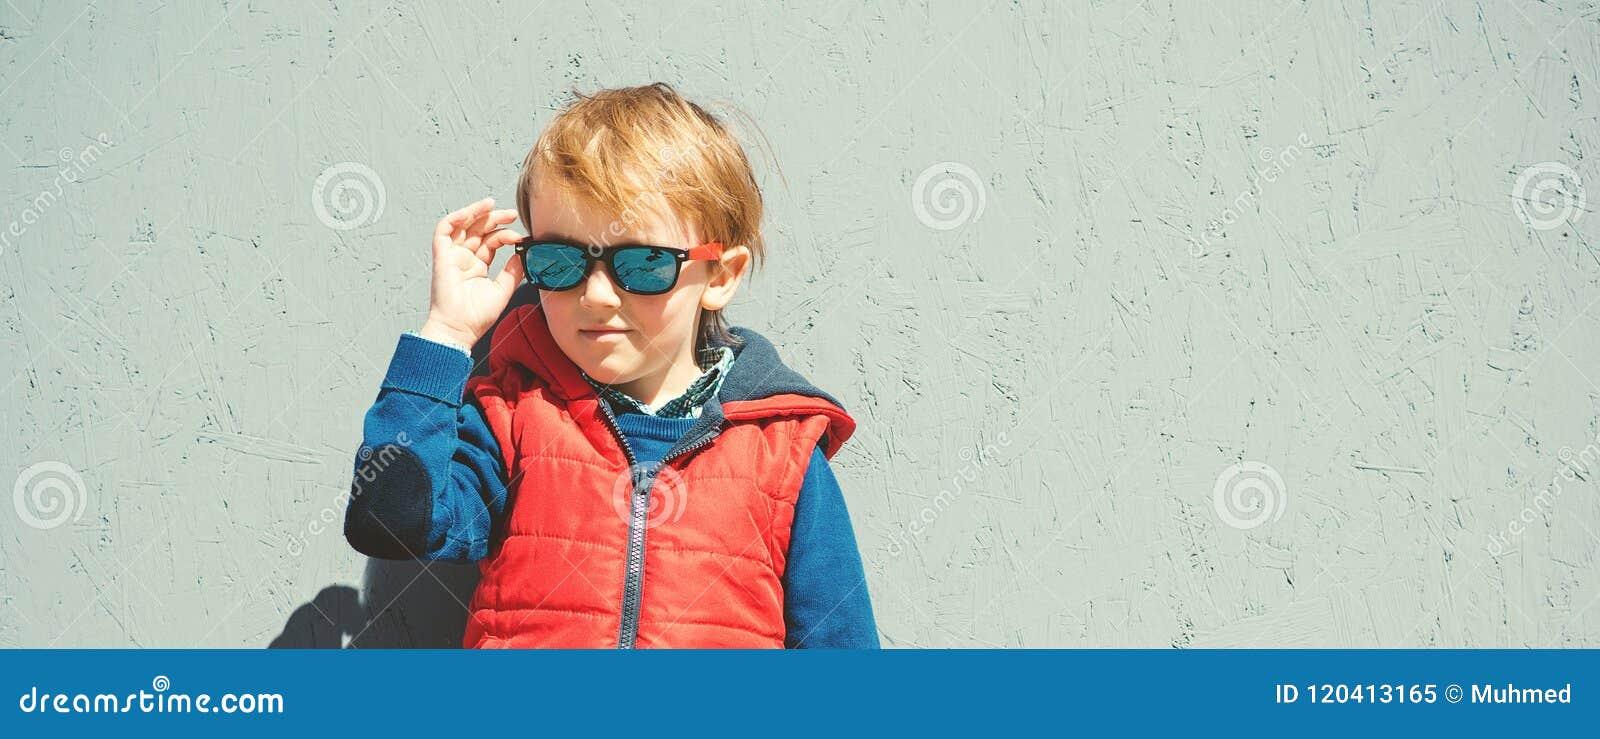 Enfant élégant dans des lunettes de soleil à la mode mode de gosses Petit blon mignon